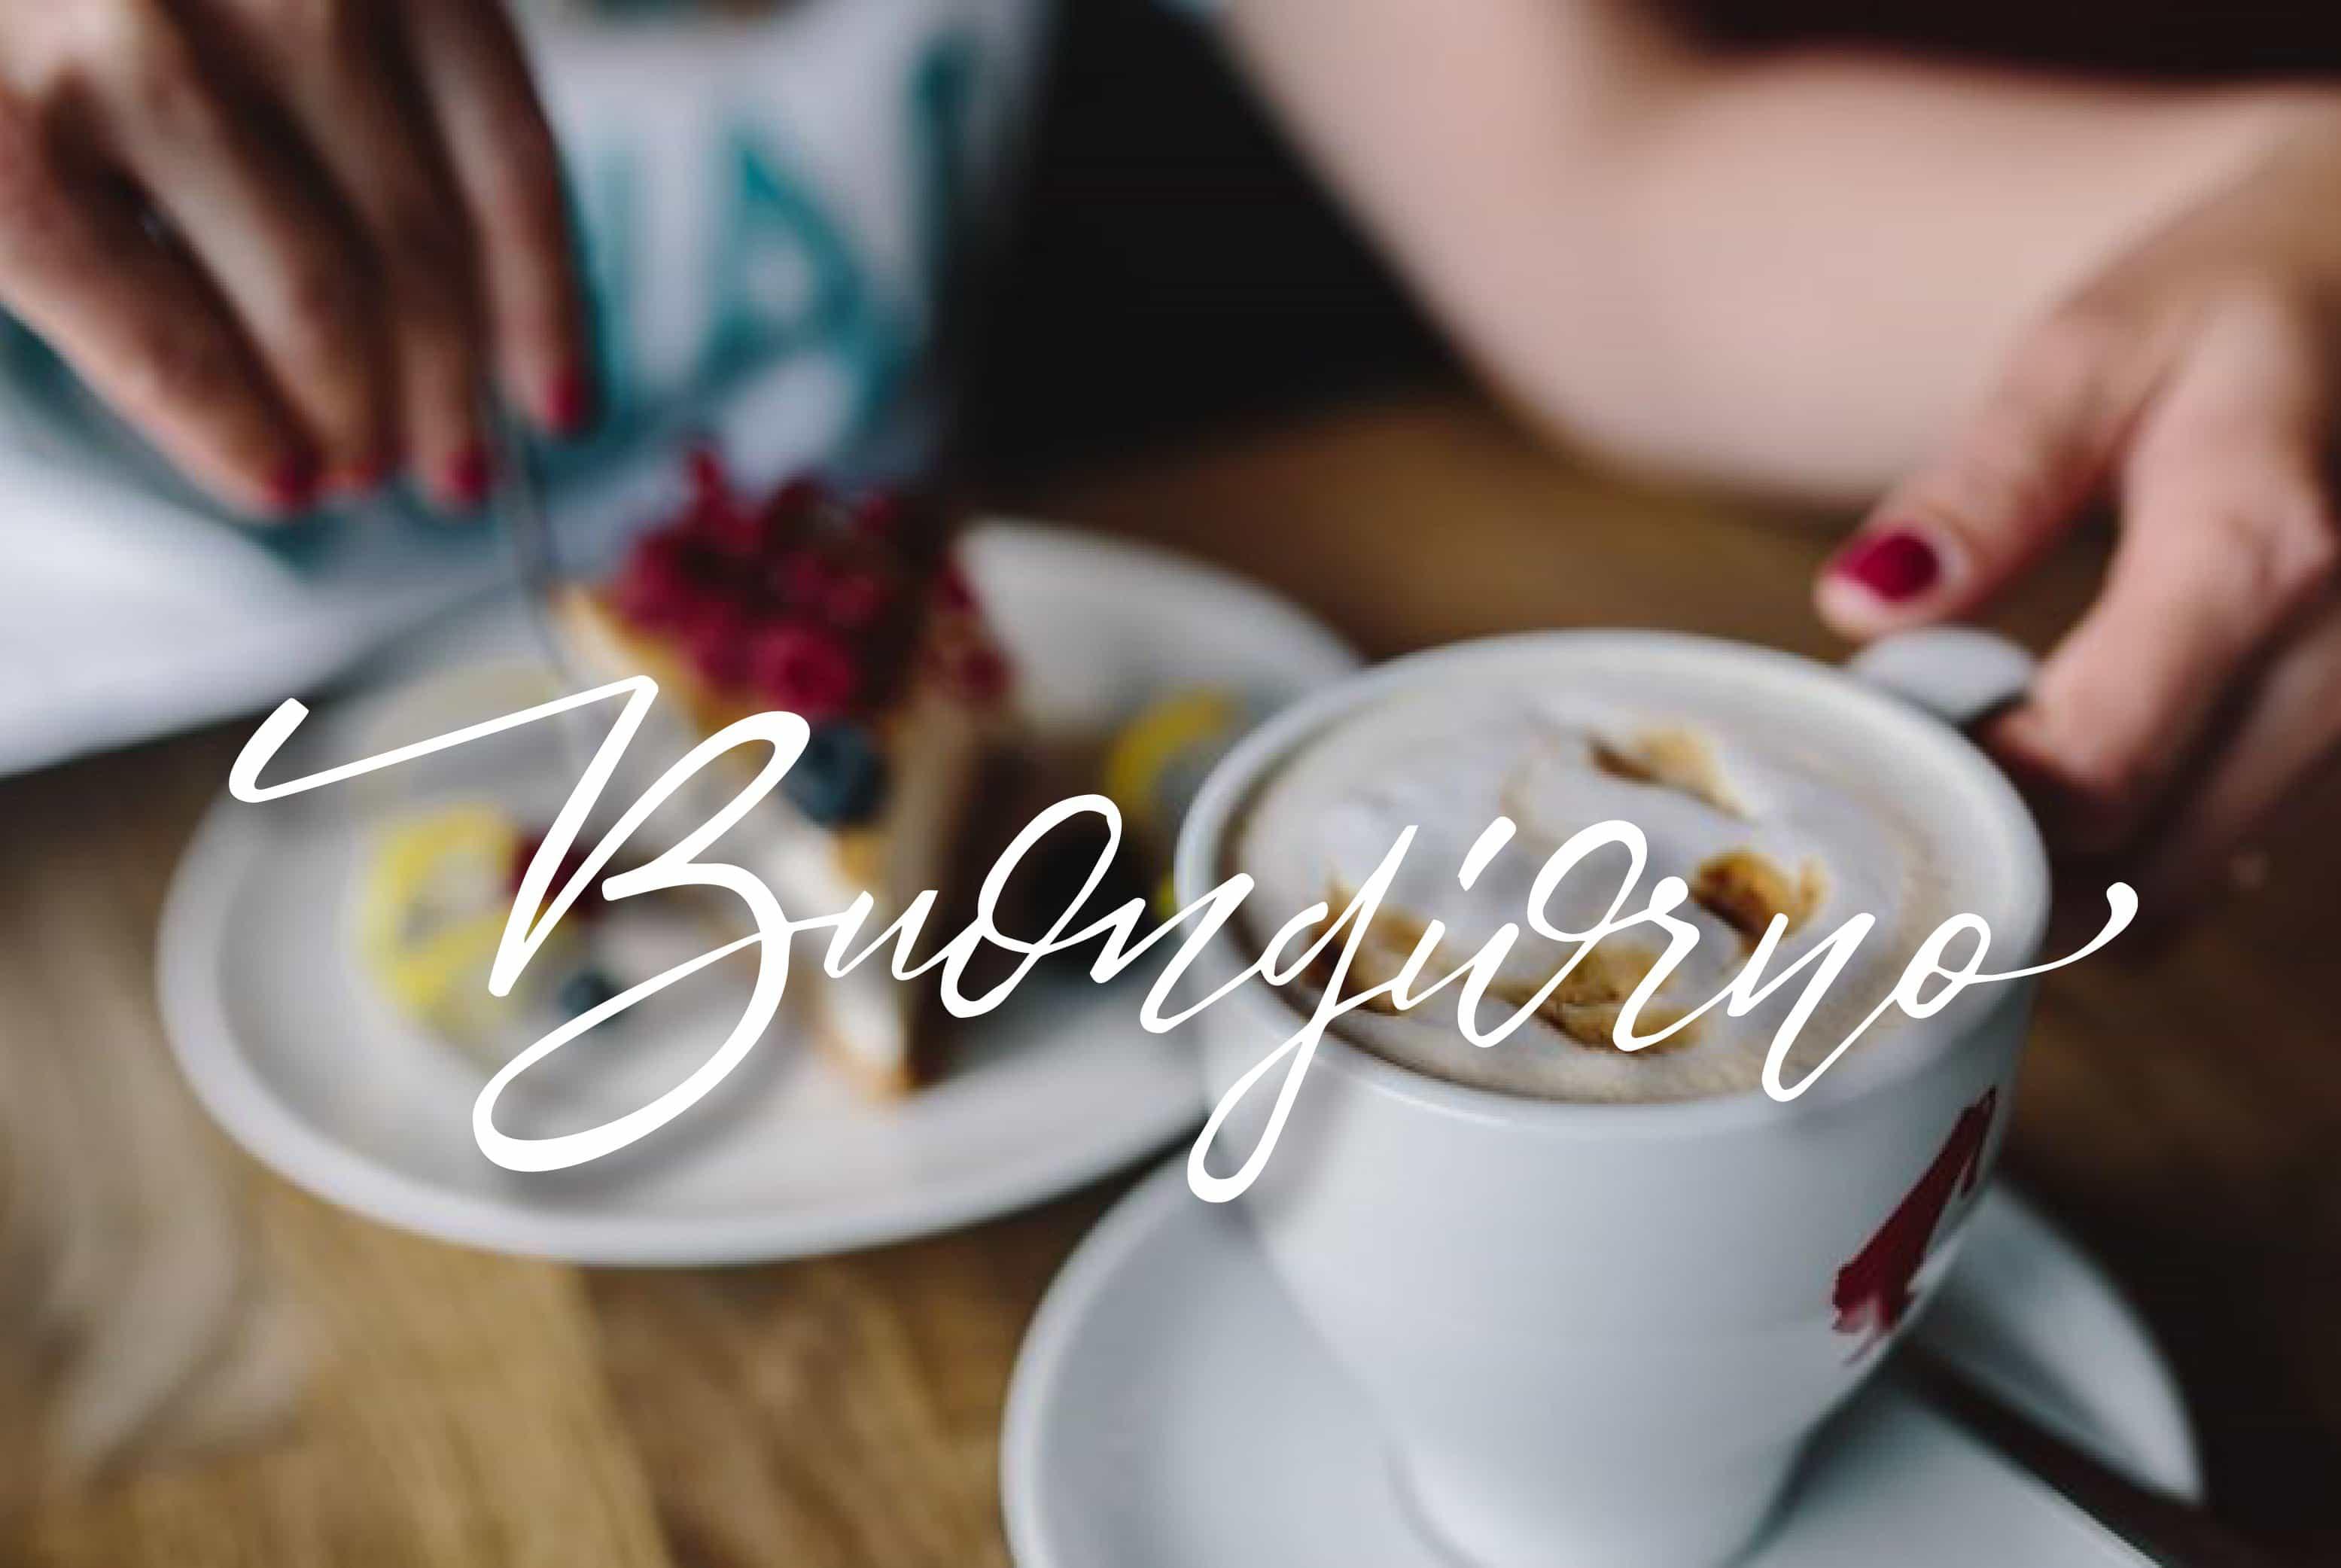 Buon giorno e buon caffe foto da scaricare gratis!